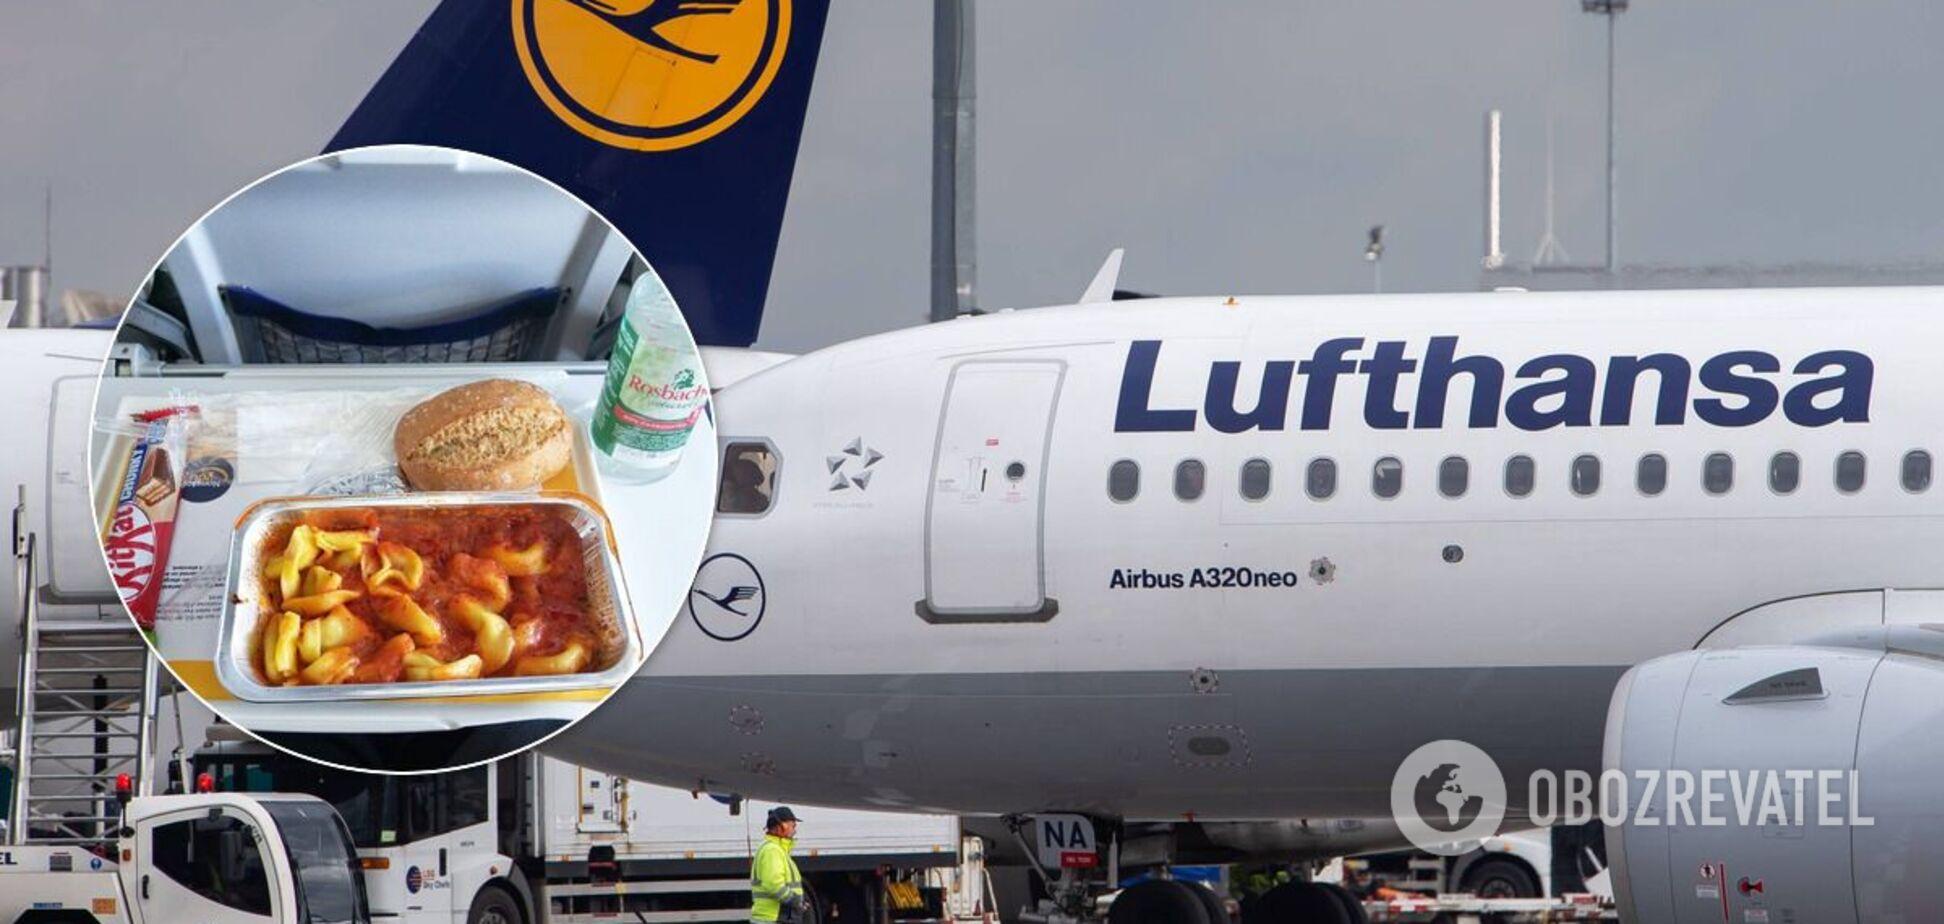 Lufthansa перестанет бесплатно кормить пассажиров эконом класса